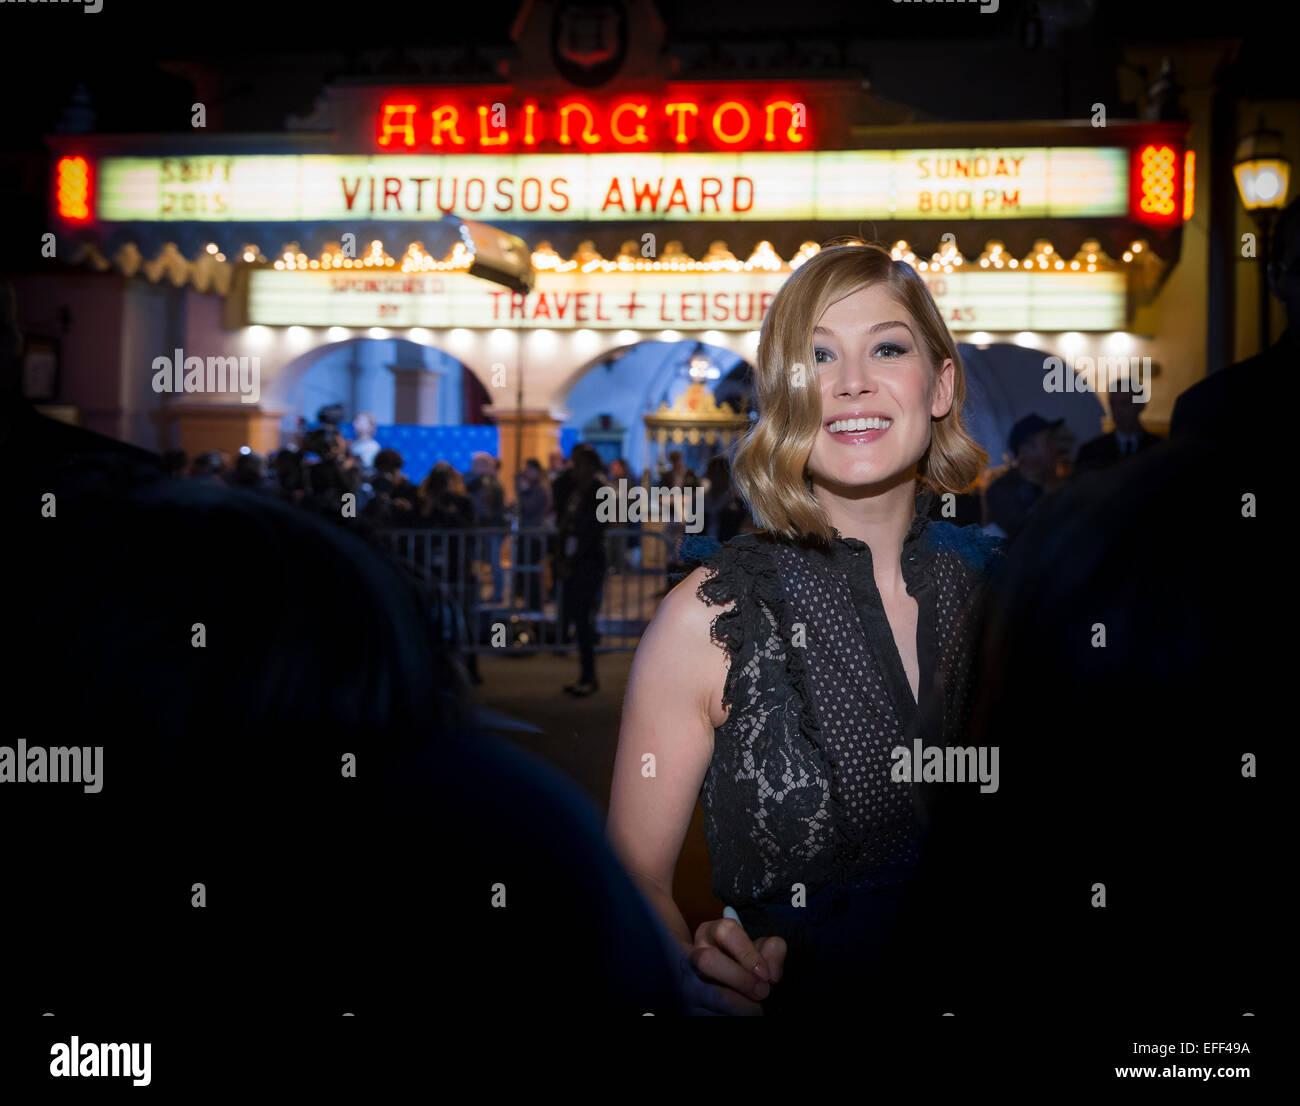 Santa Barbara, California, USA. 1st Feb, 2015. Actress Rosamund Pike greets fans outside the Arlington Theatre at - Stock Image